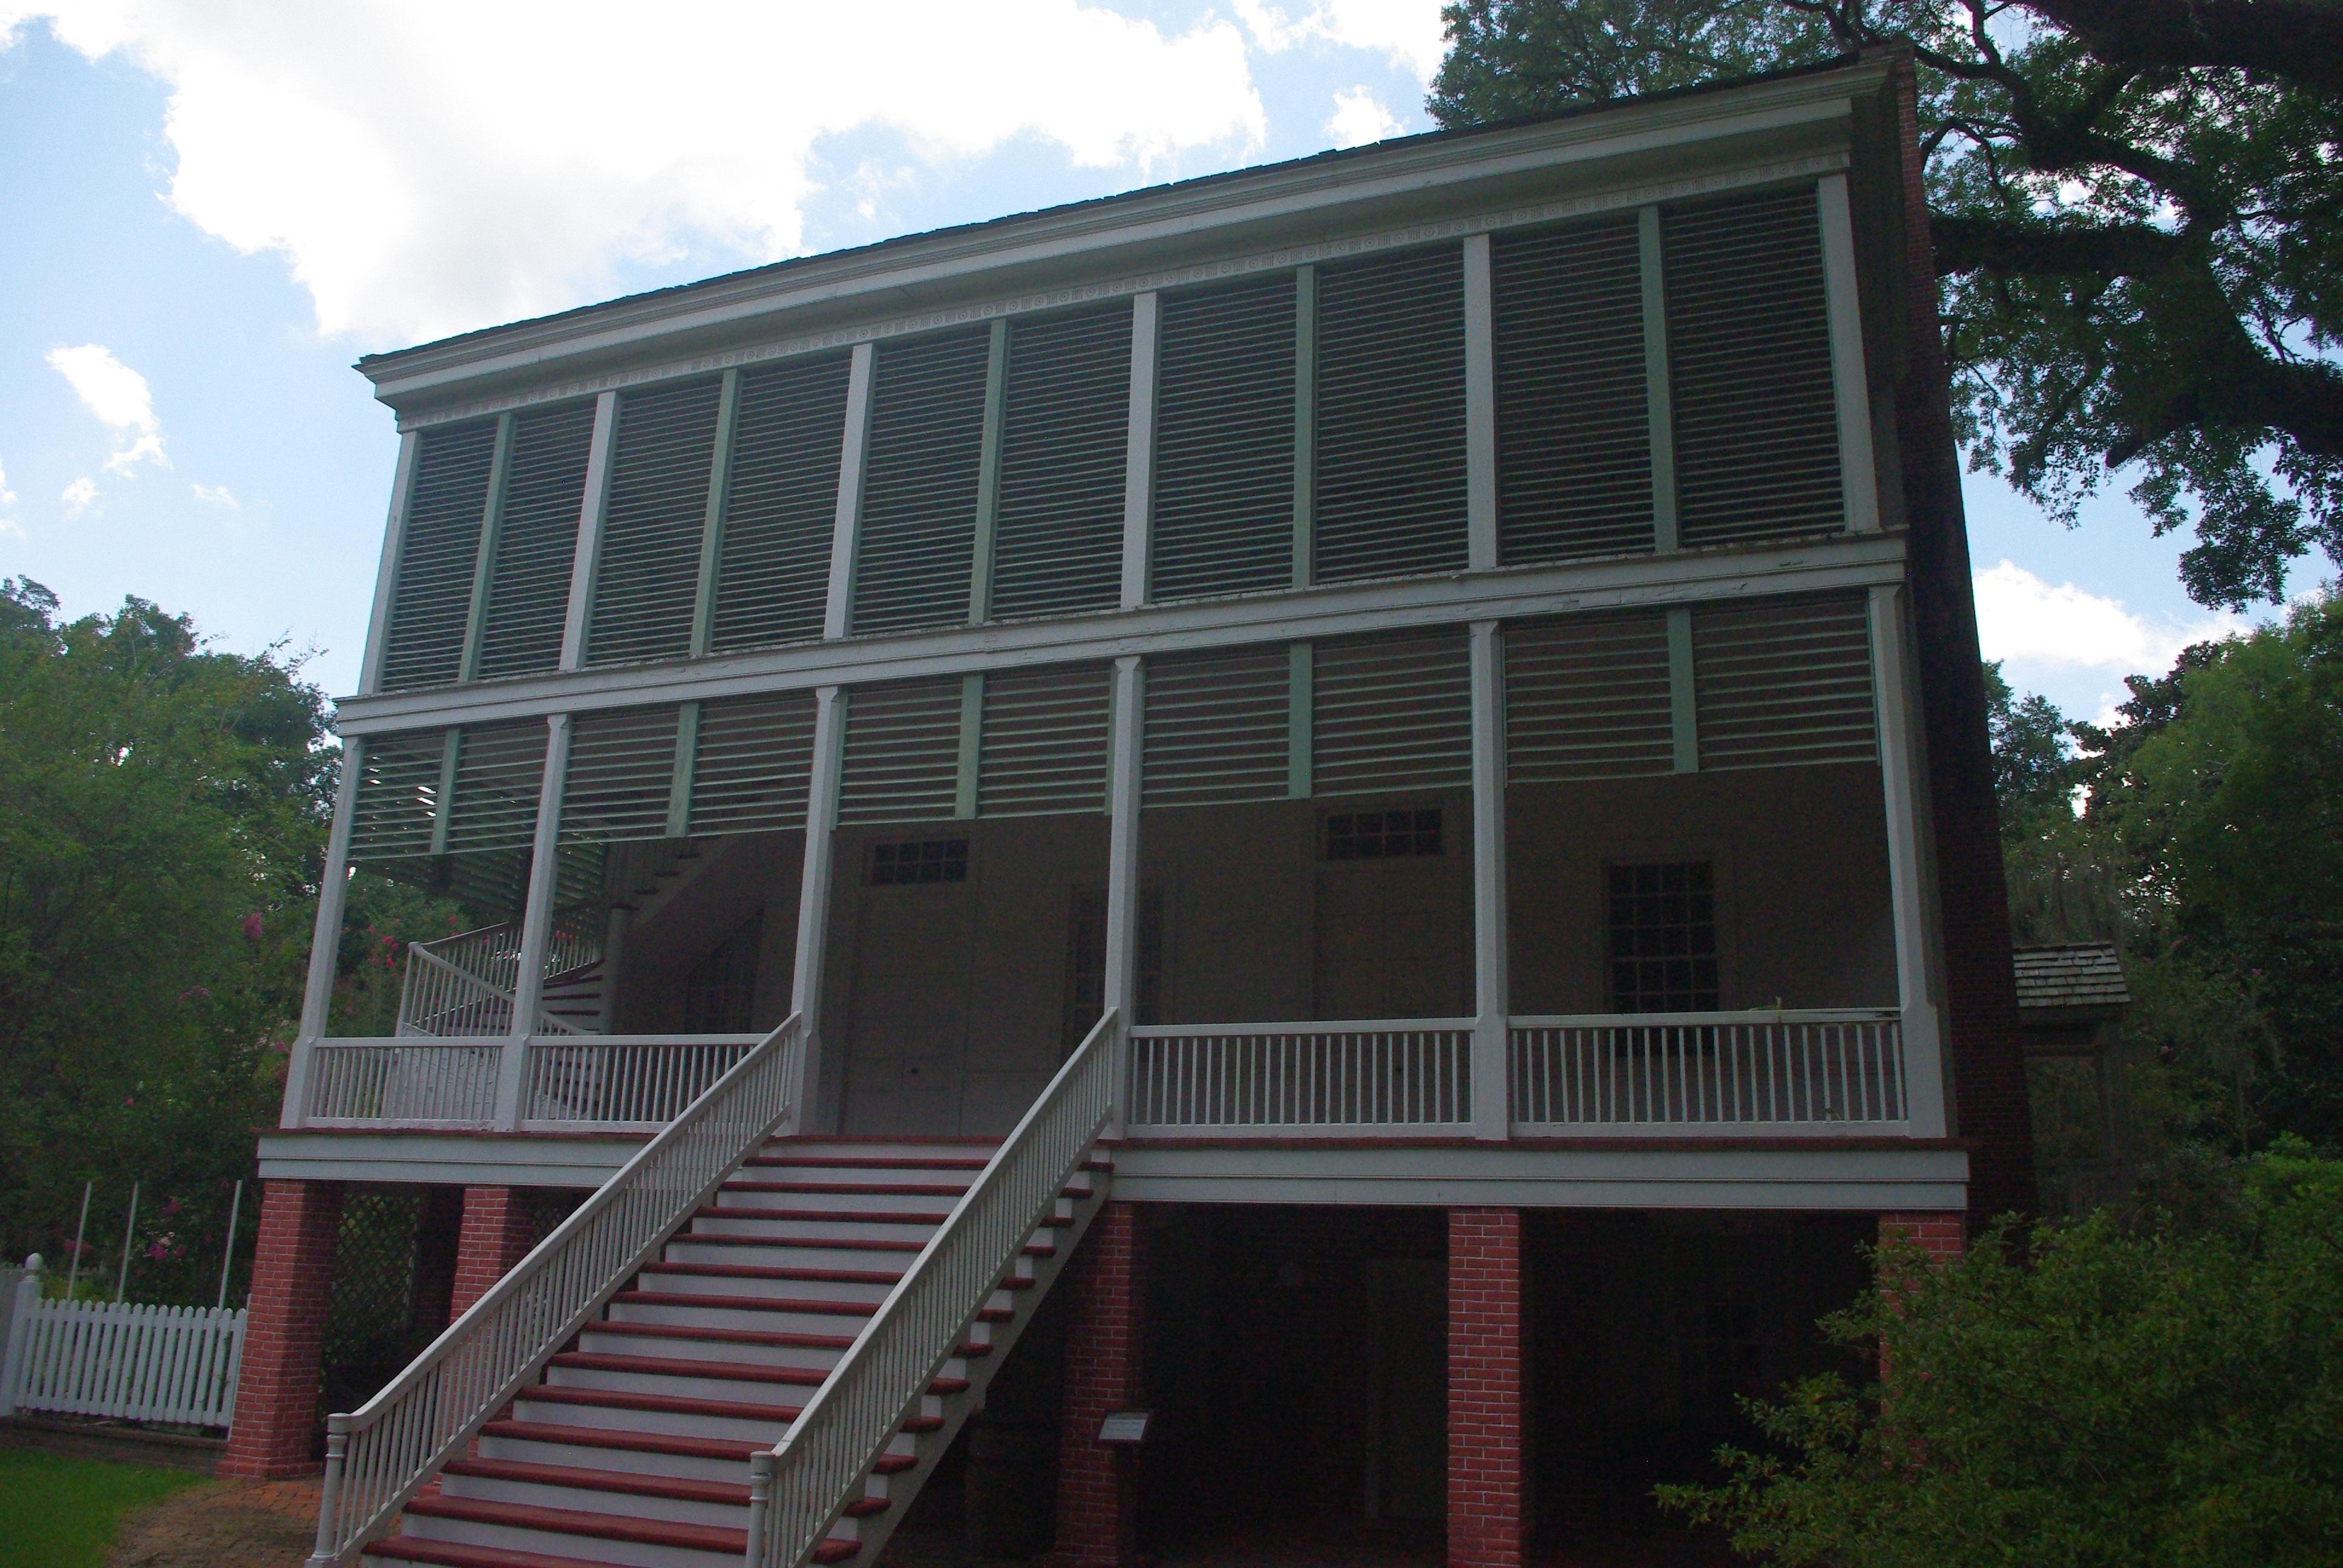 La maison principale à 3 étages donc la dernière est fermée par des lattes à 45° pour laisser passer l'air